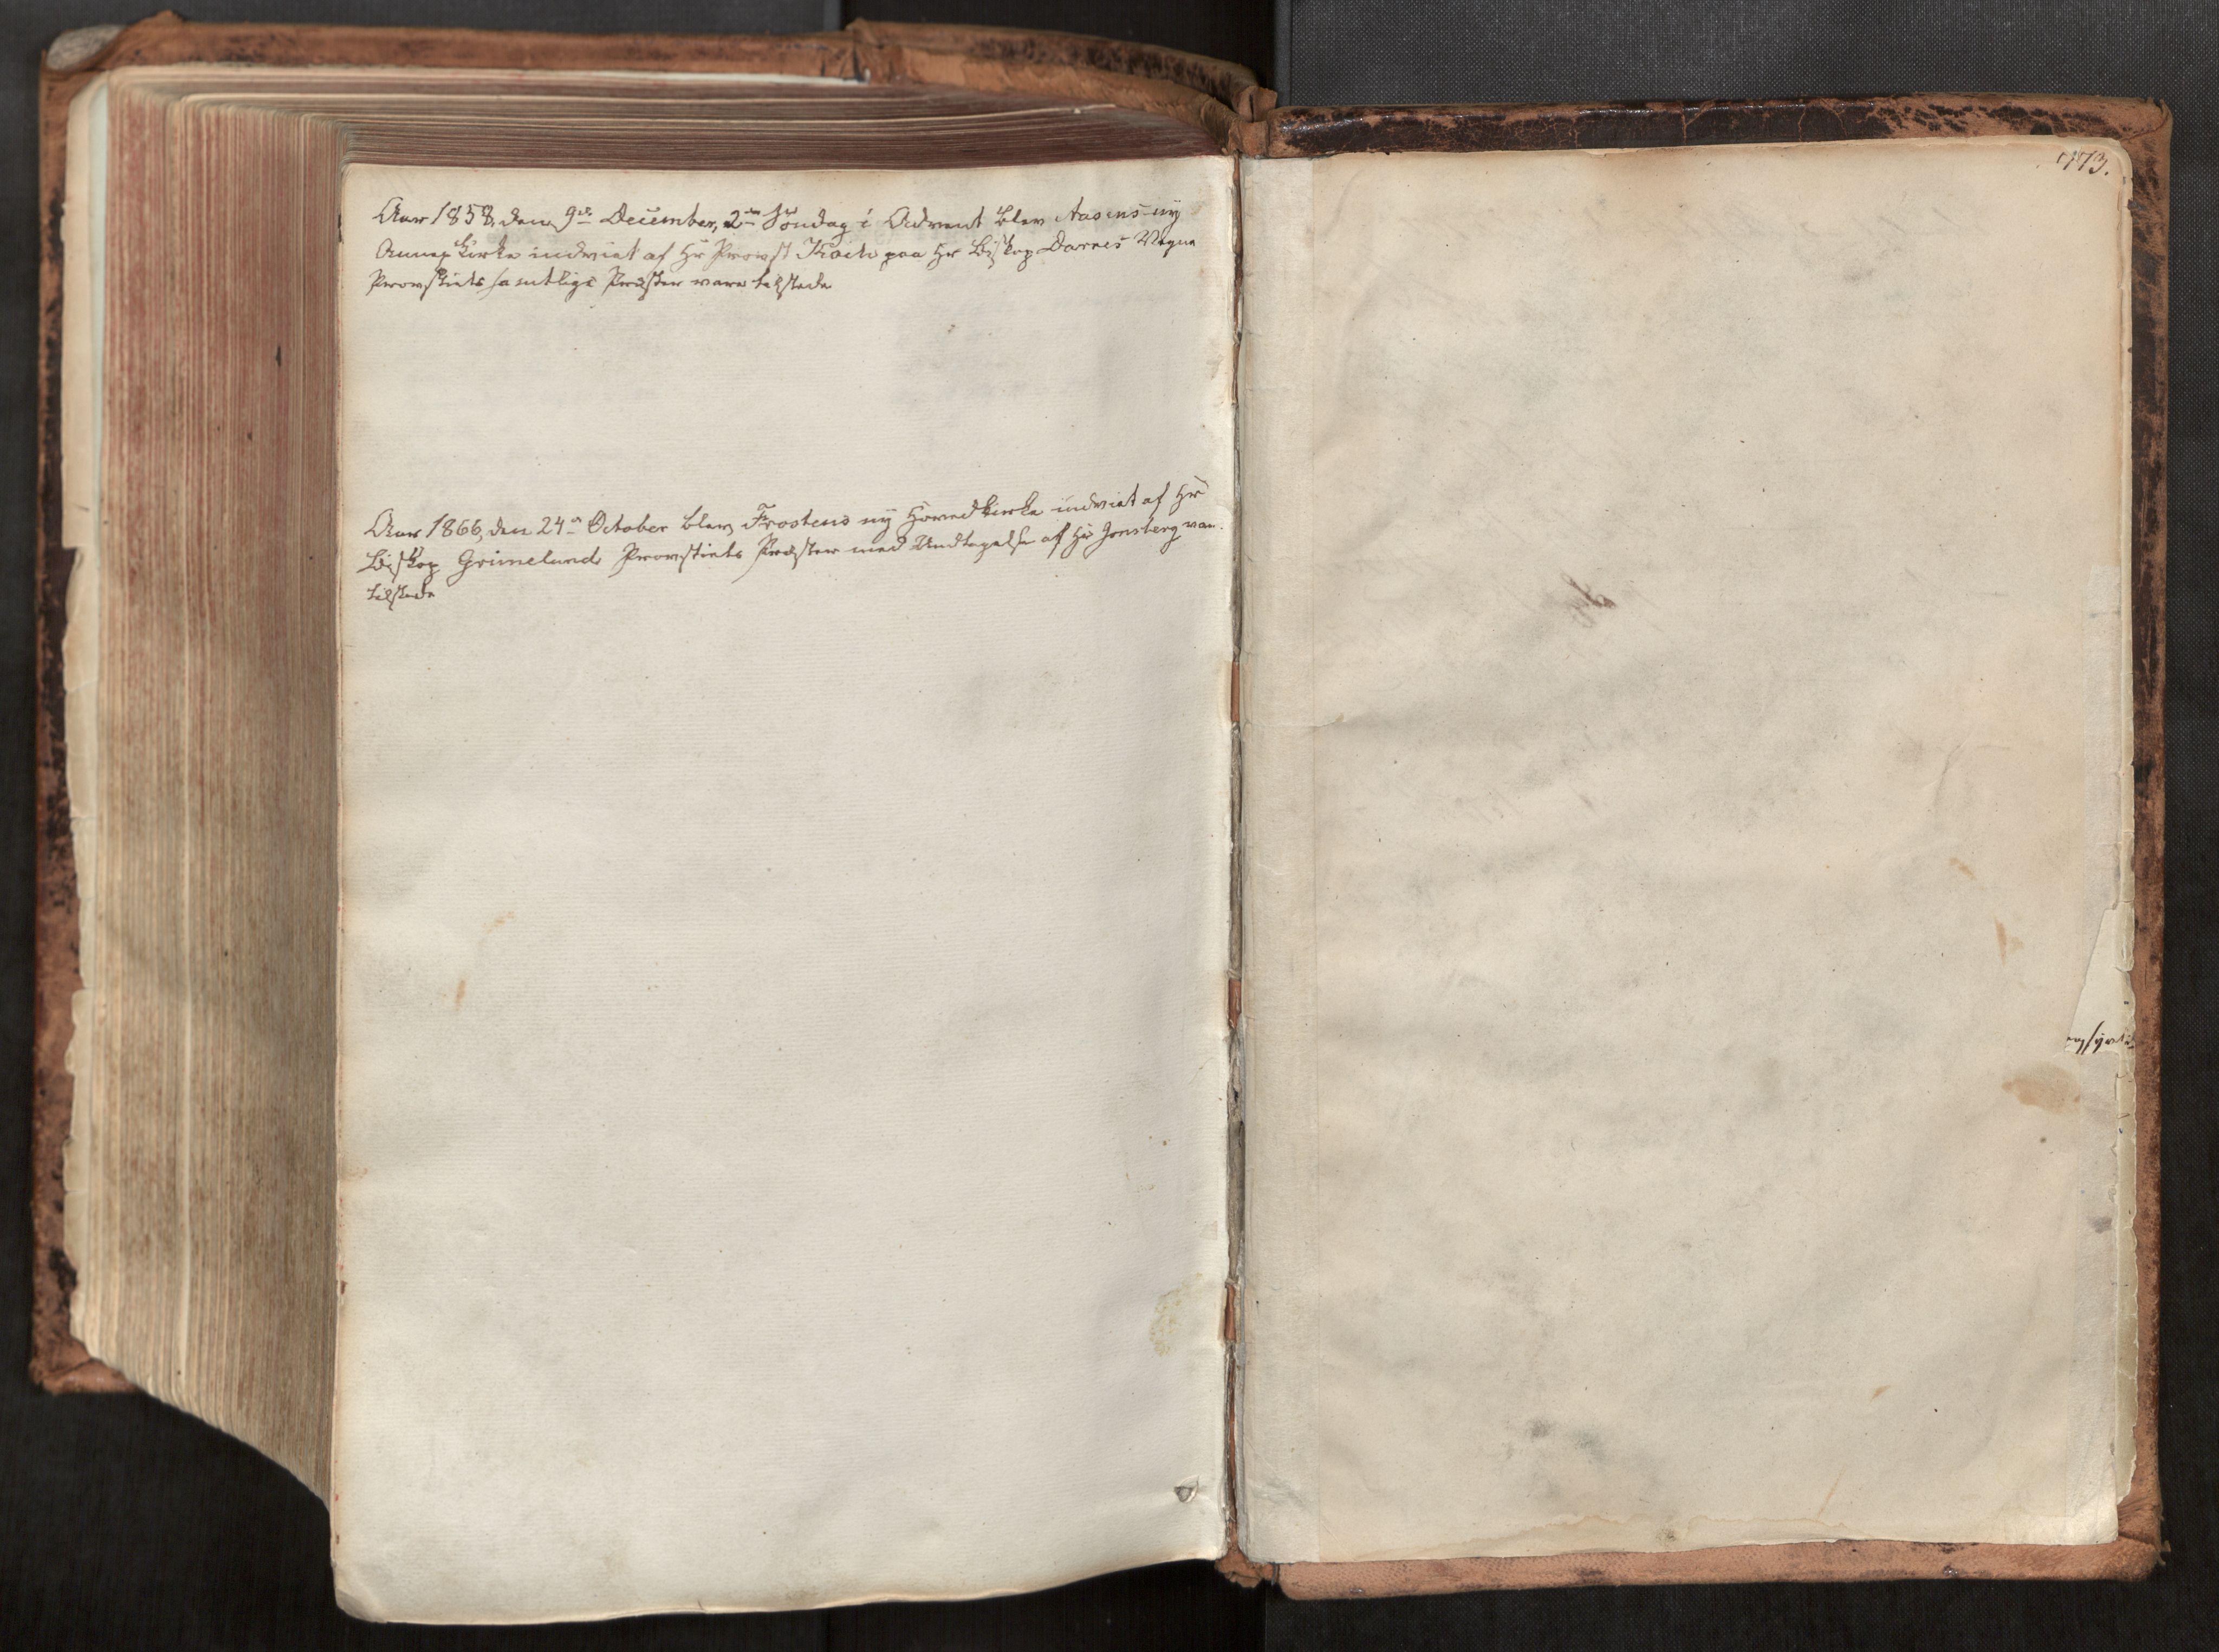 SAT, Ministerialprotokoller, klokkerbøker og fødselsregistre - Nord-Trøndelag, 713/L0116: Ministerialbok nr. 713A07, 1850-1877, s. 773